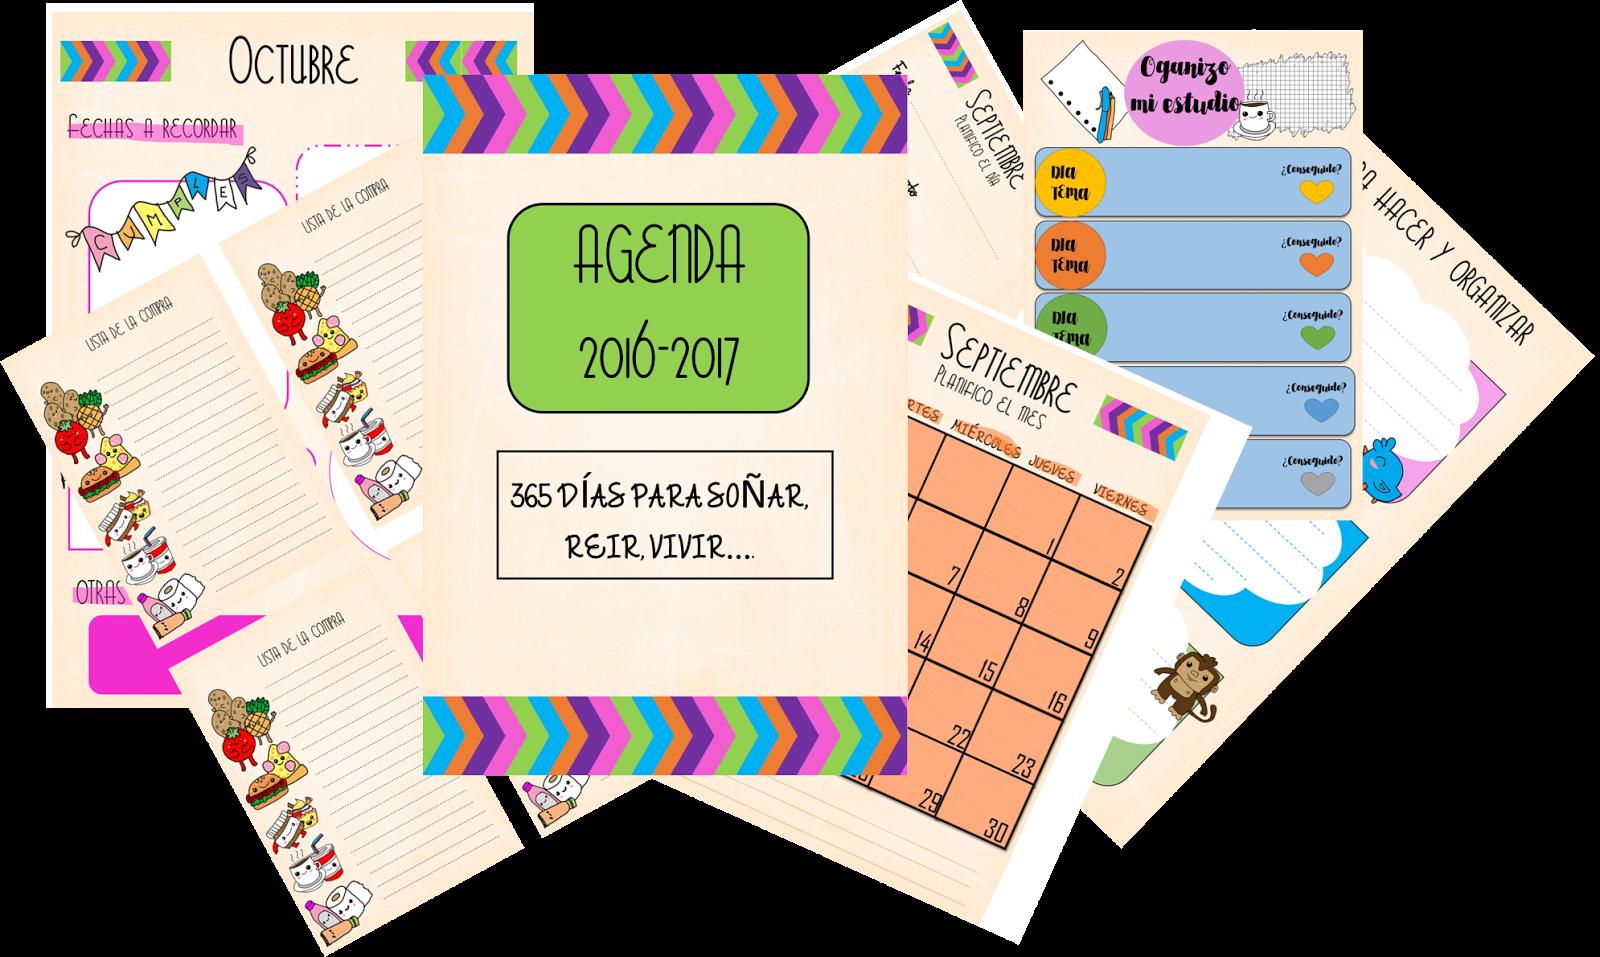 My life agenda 2016 2017 imprimible y editable - Agenda imprimible 2017 ...